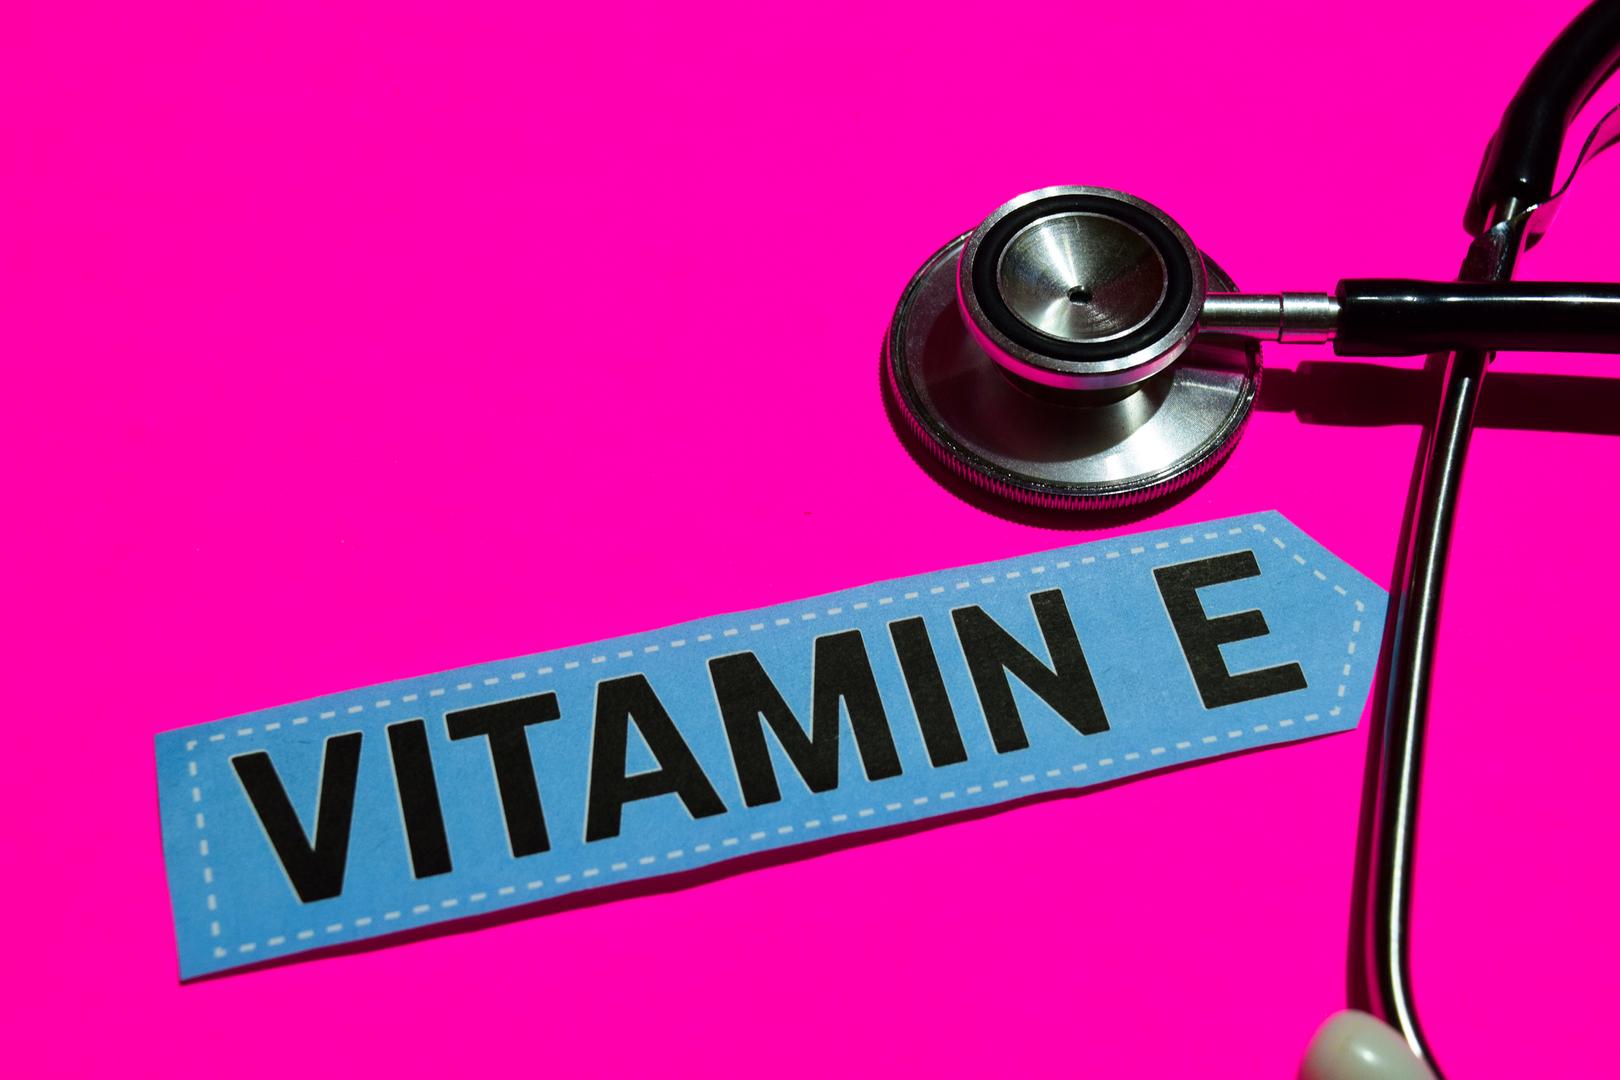 سبع فوائد صحية هامة مدعومة علميا لفيتامين E